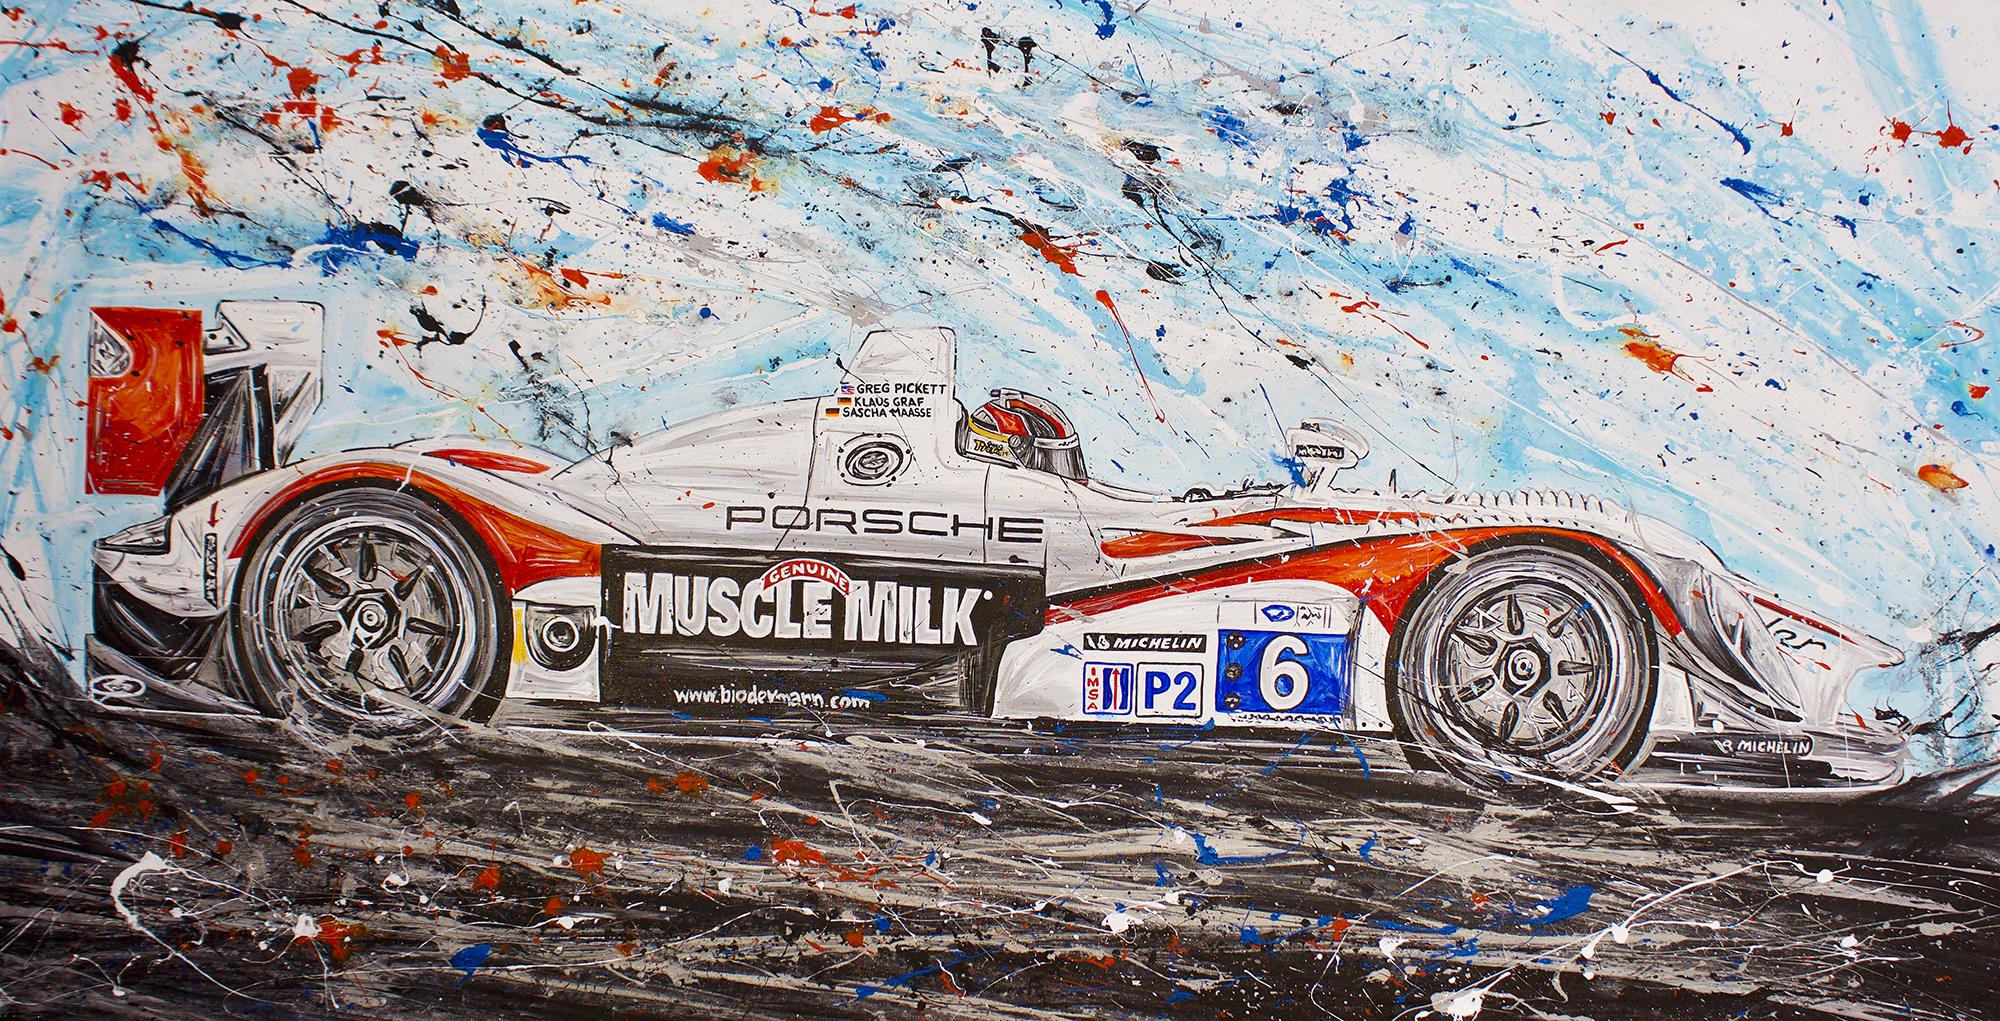 TR 151 - Greg Pickett